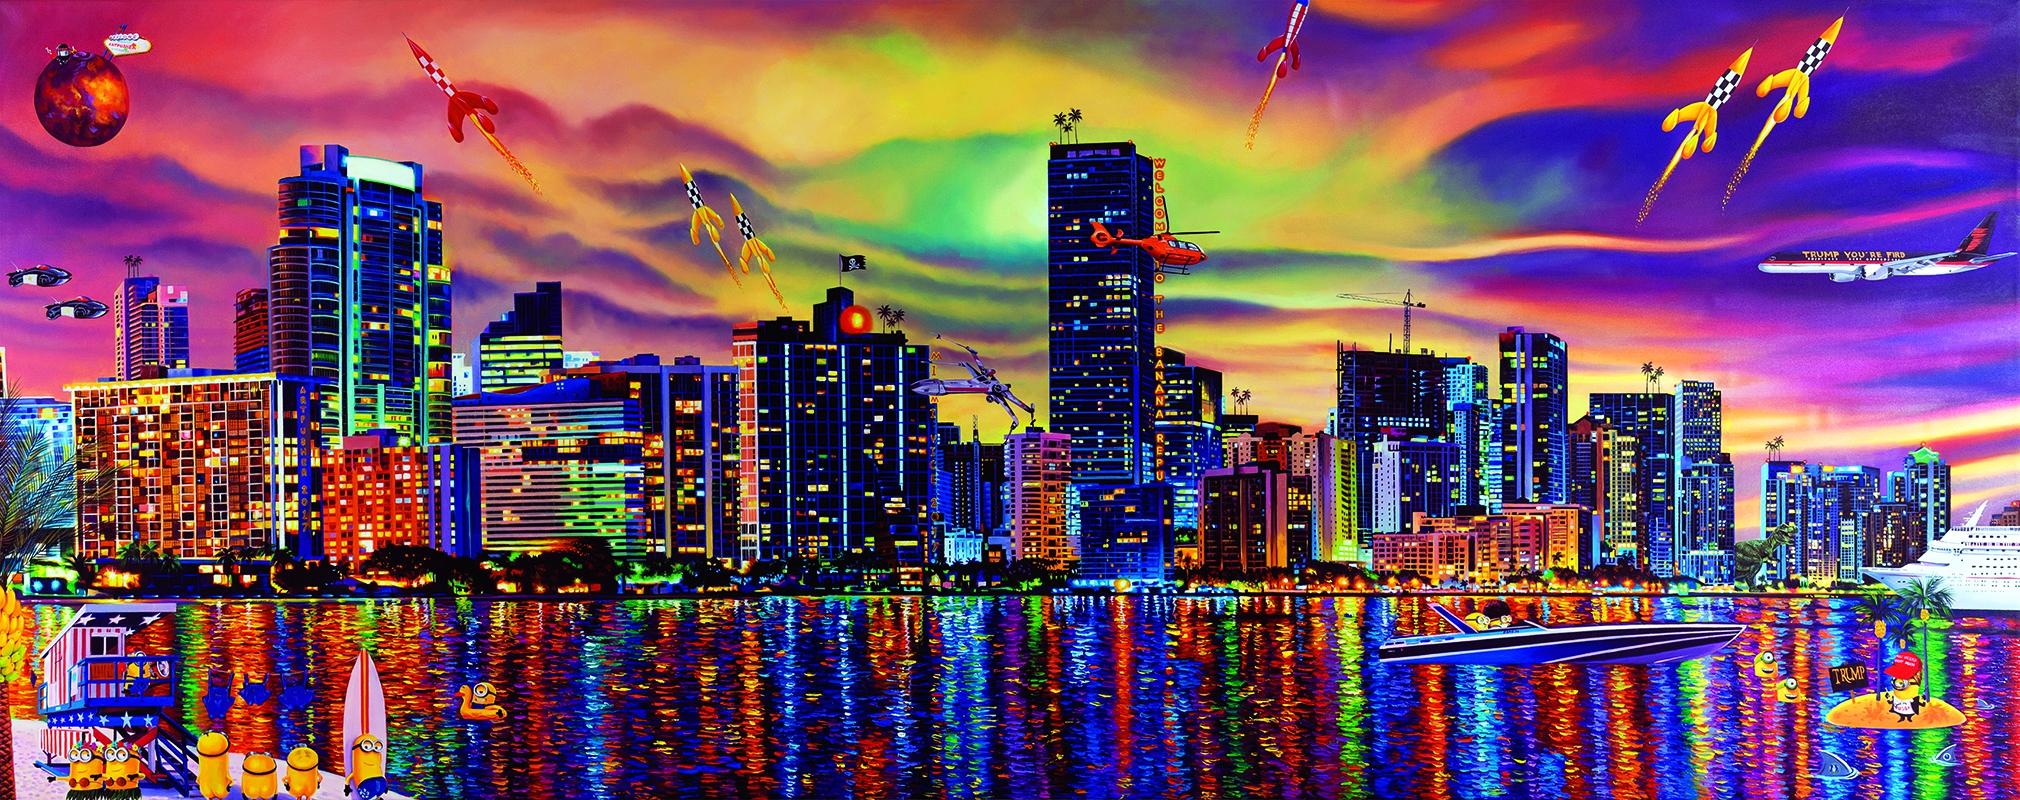 Billede af Miami Spice af Artpusher